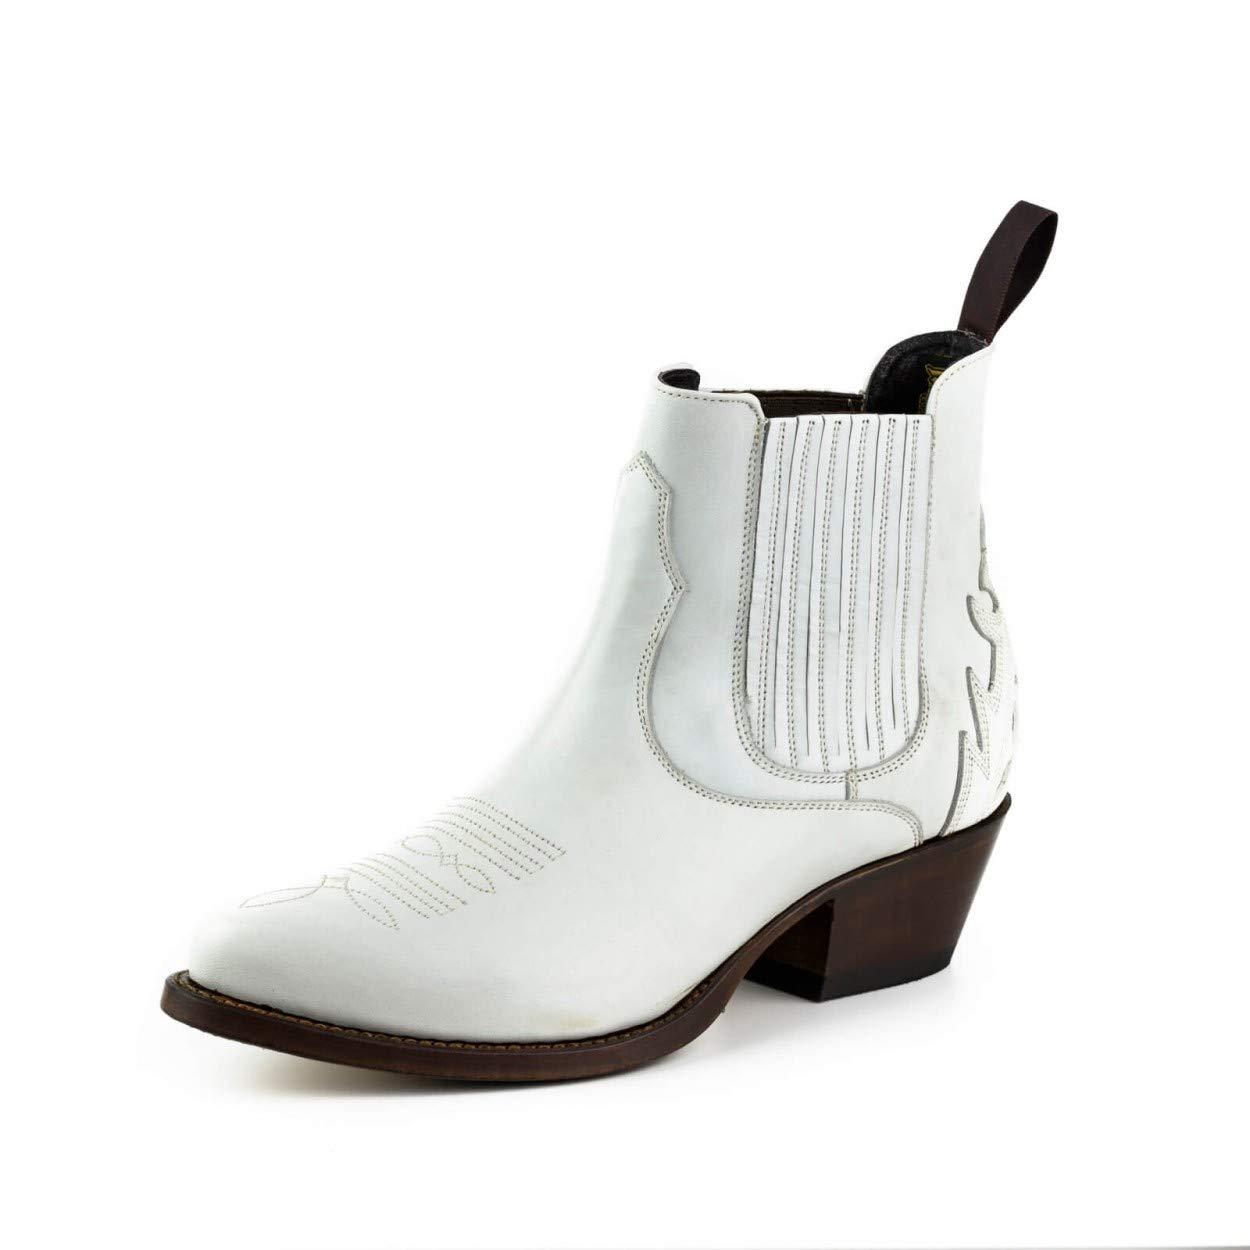 Mayura - Mayura botas Marilyn 2487 blanco - 39